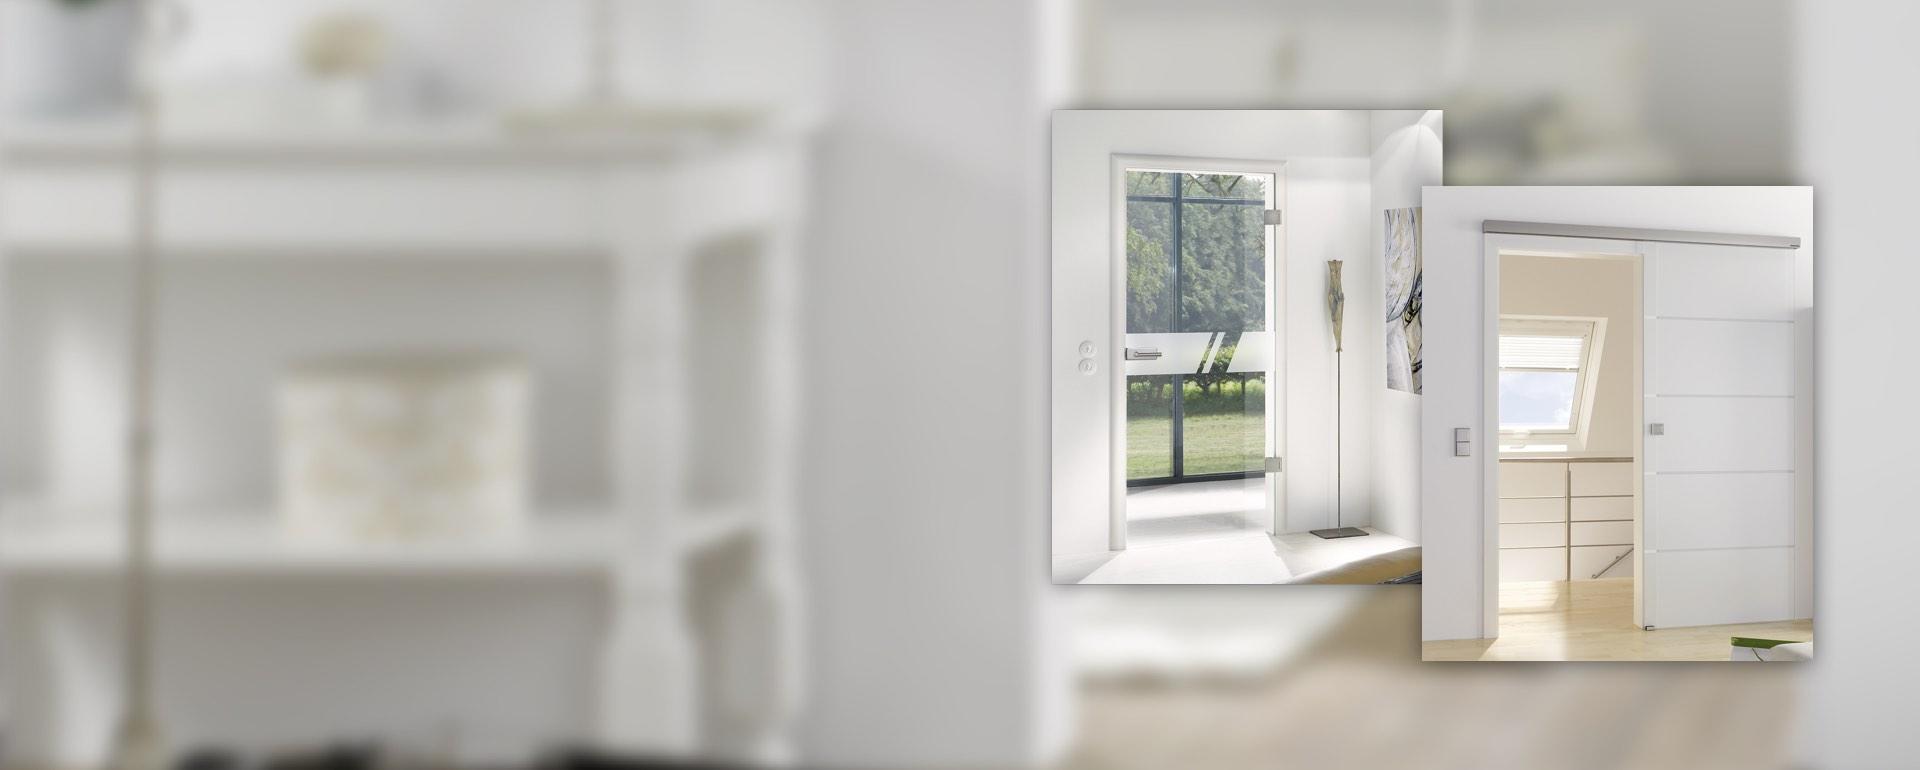 Glastüren für modernes Wohnen bei BWE in Unterschleißheim.